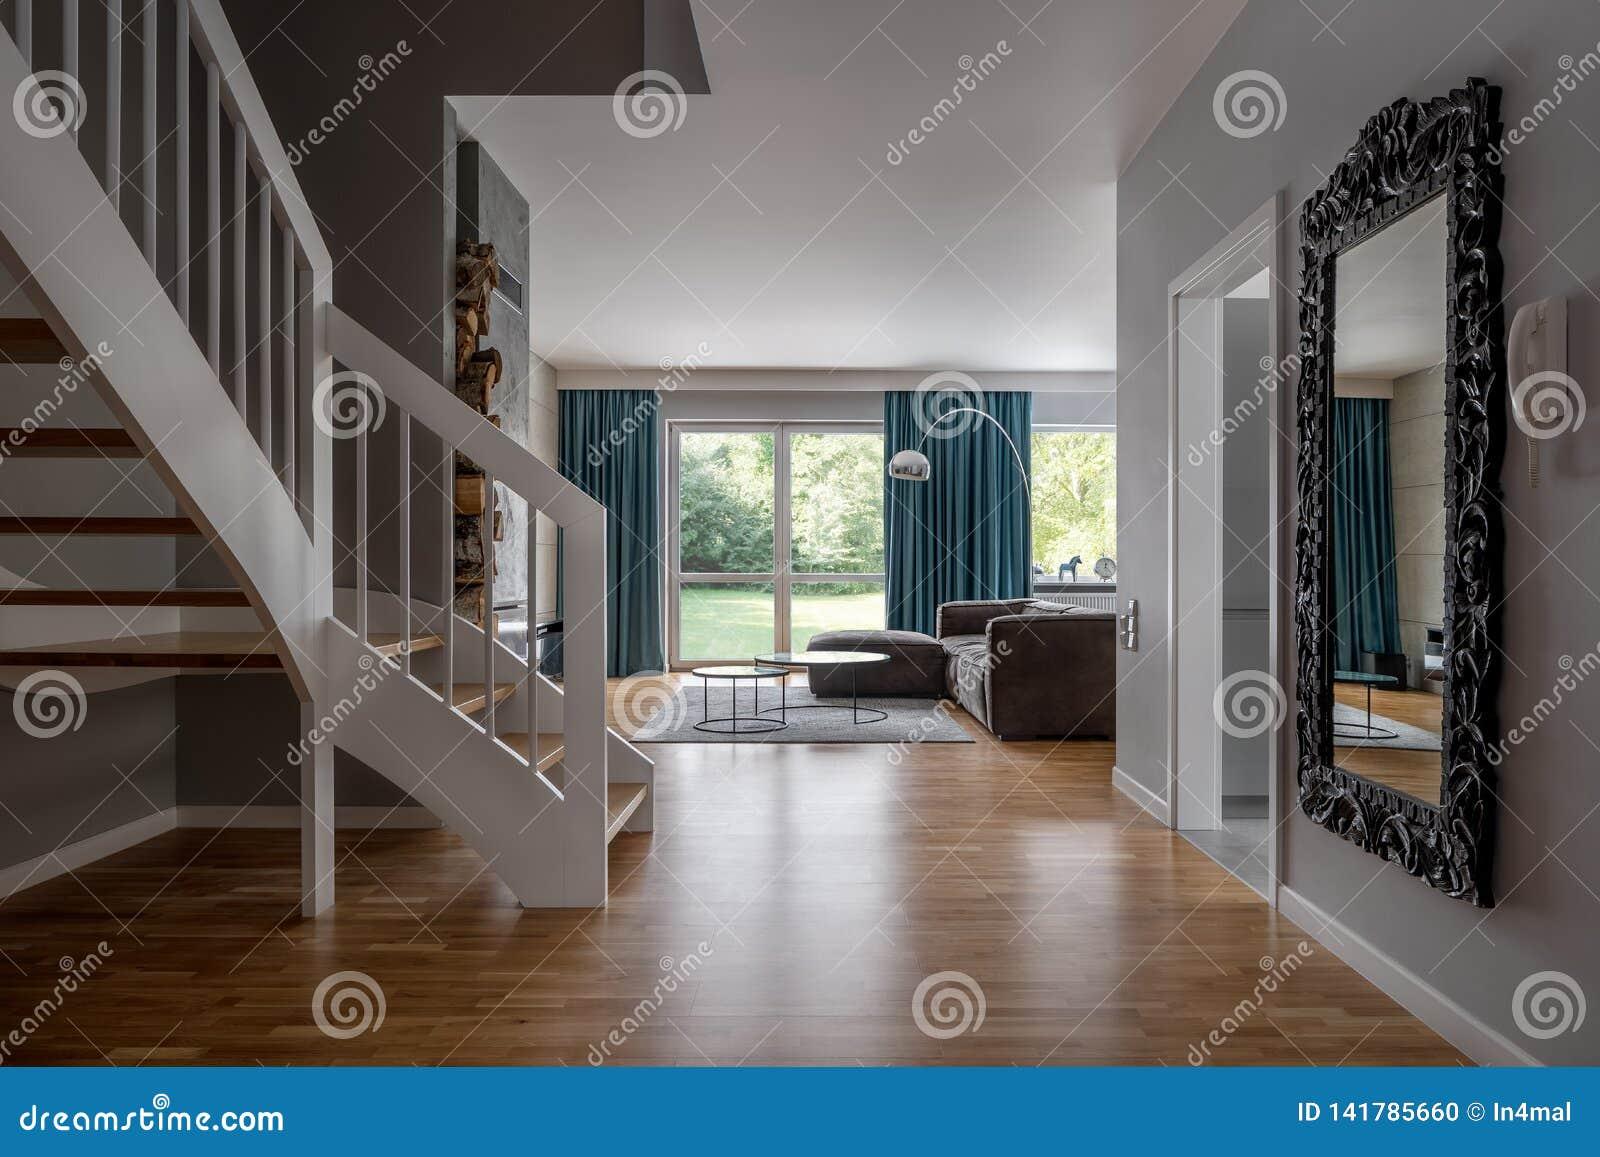 Intérieur à La Maison Confortable Avec Des Escaliers Photo ...